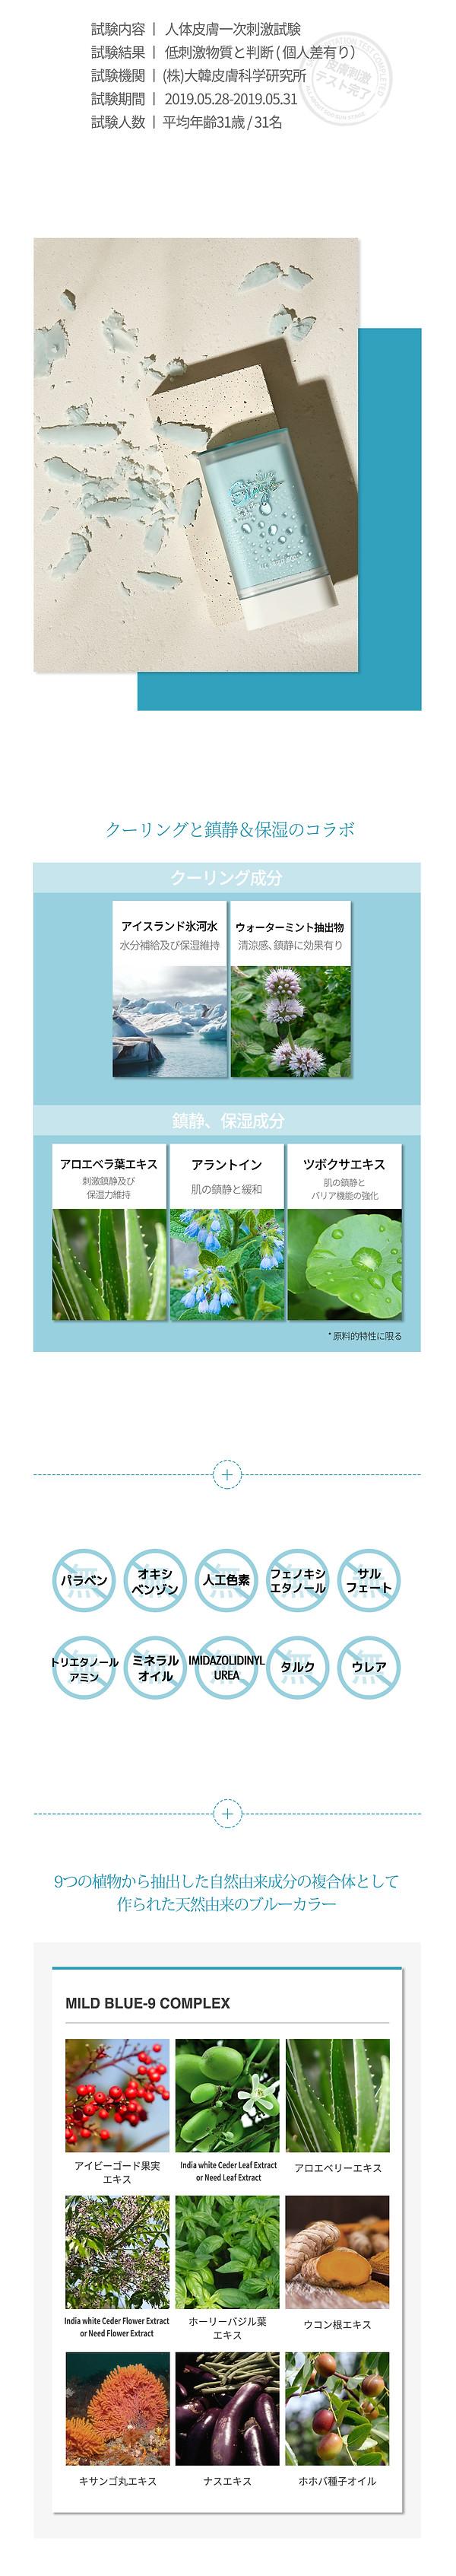 선스틱-상세페이지jp_03.jpg